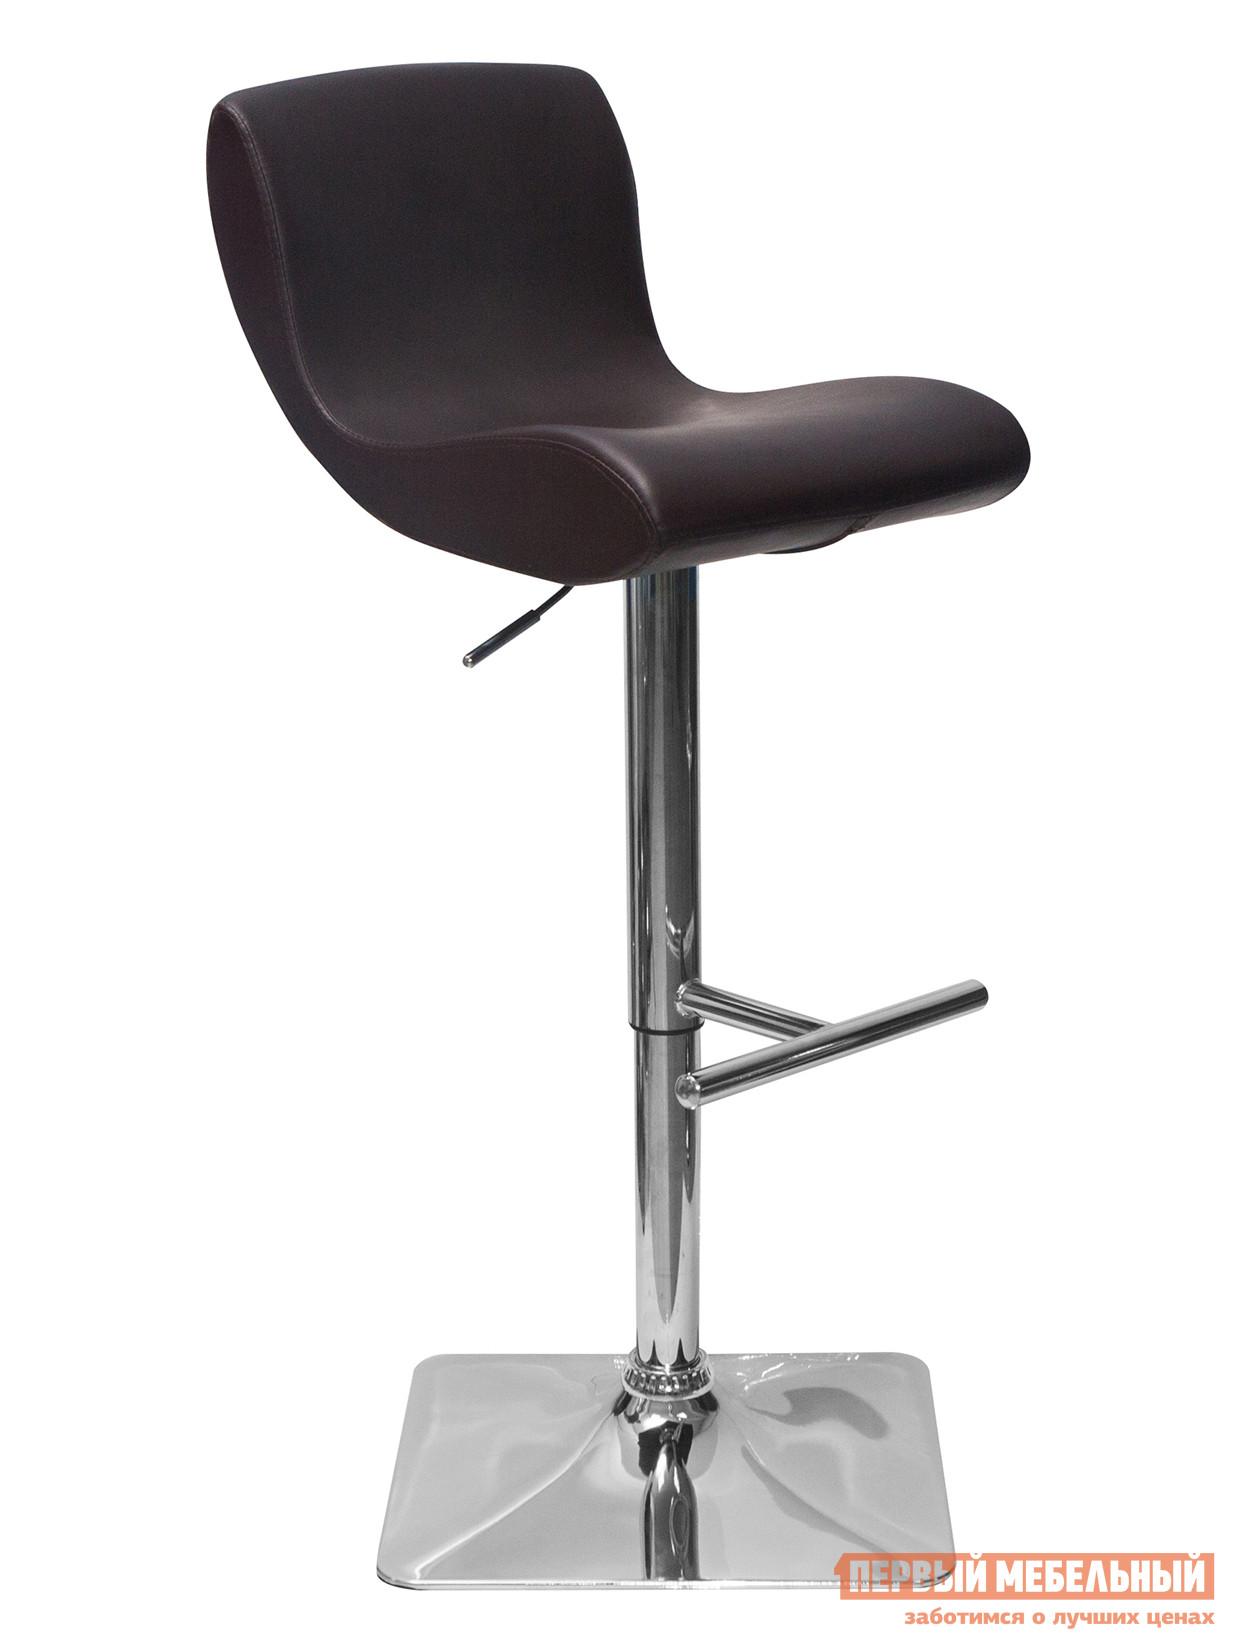 Барный стул STOOL GROUP Стул барный ХАМЕР Коричневый от Купистол